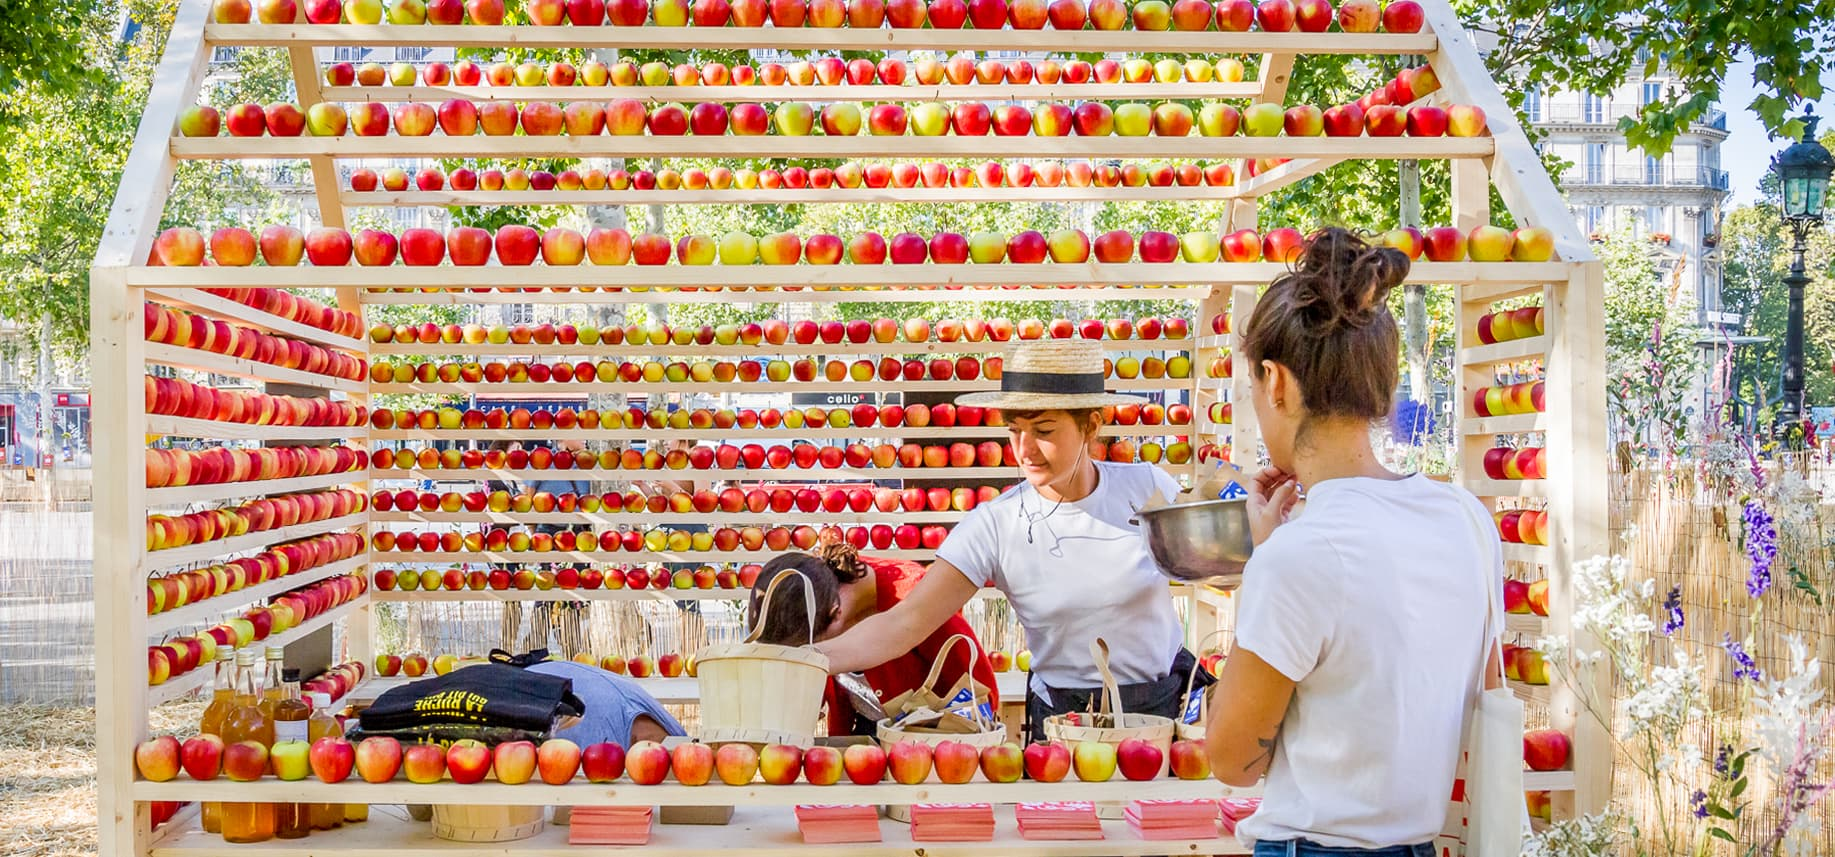 Scénographie culinaire maison construite en pommes. Réalisée avec La Ruche qui dit OUi, événement public place de la République. En association avec des producteurs de Pommes de Normandie.